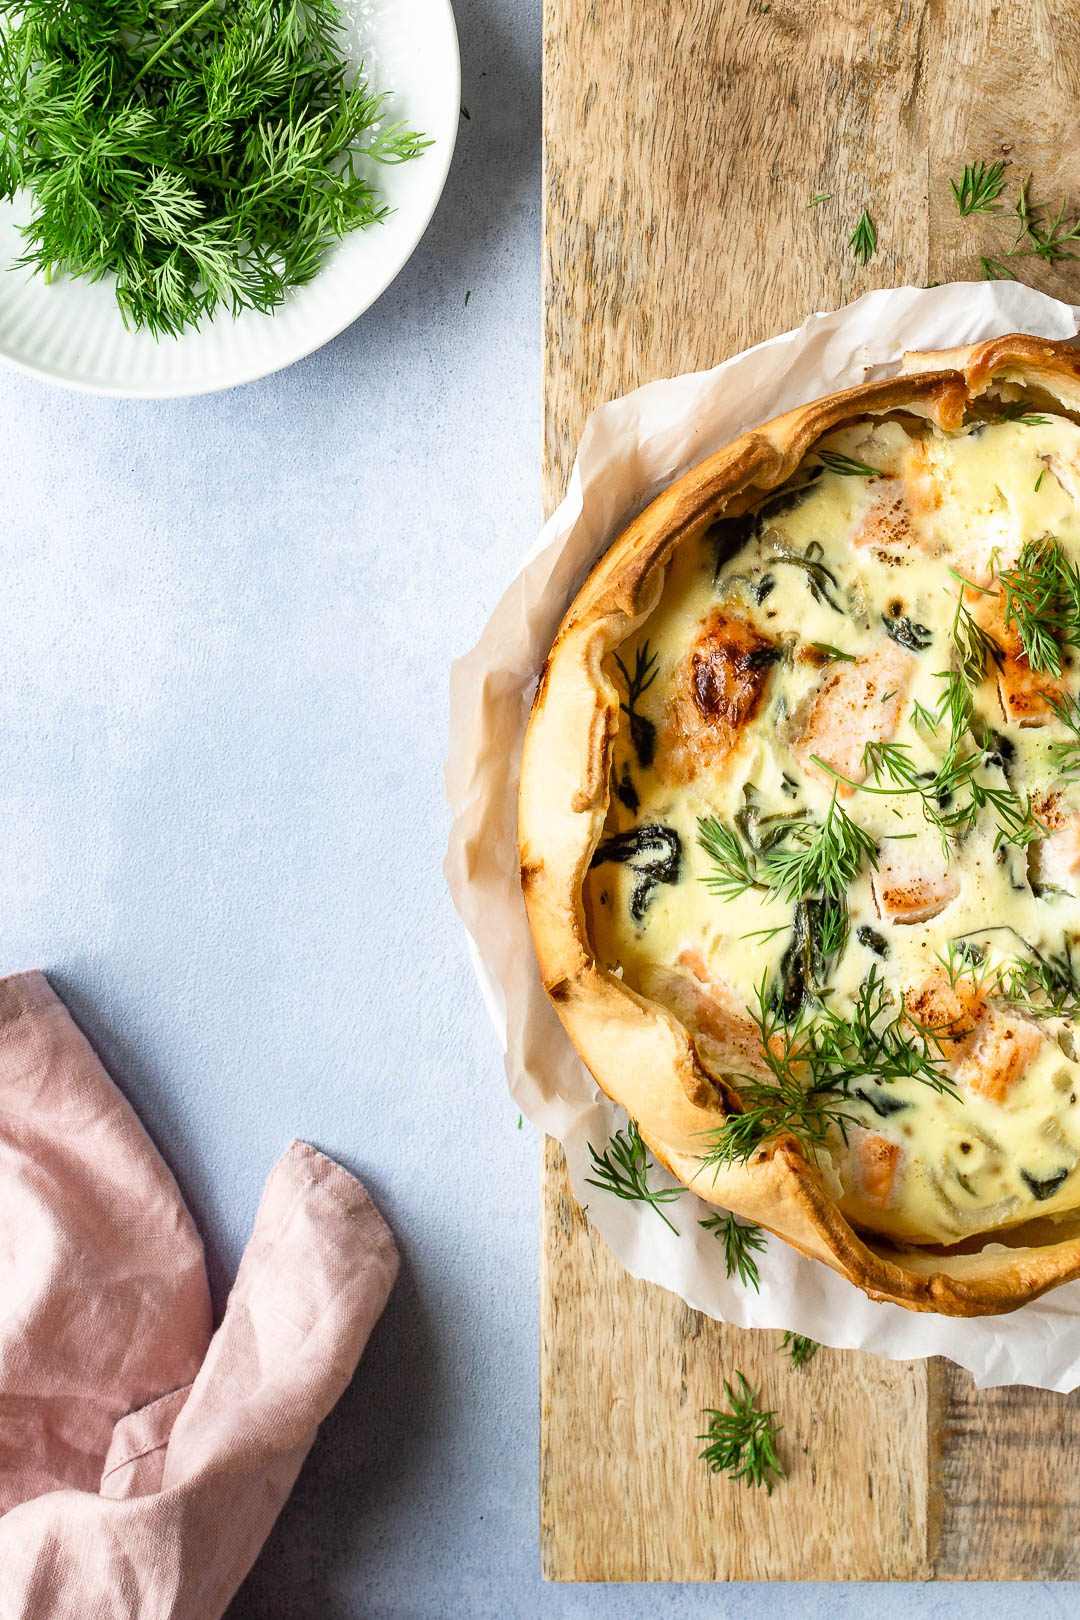 Tærte med laks, spinat og fennikel - opskrift på hjemmelavet tærte